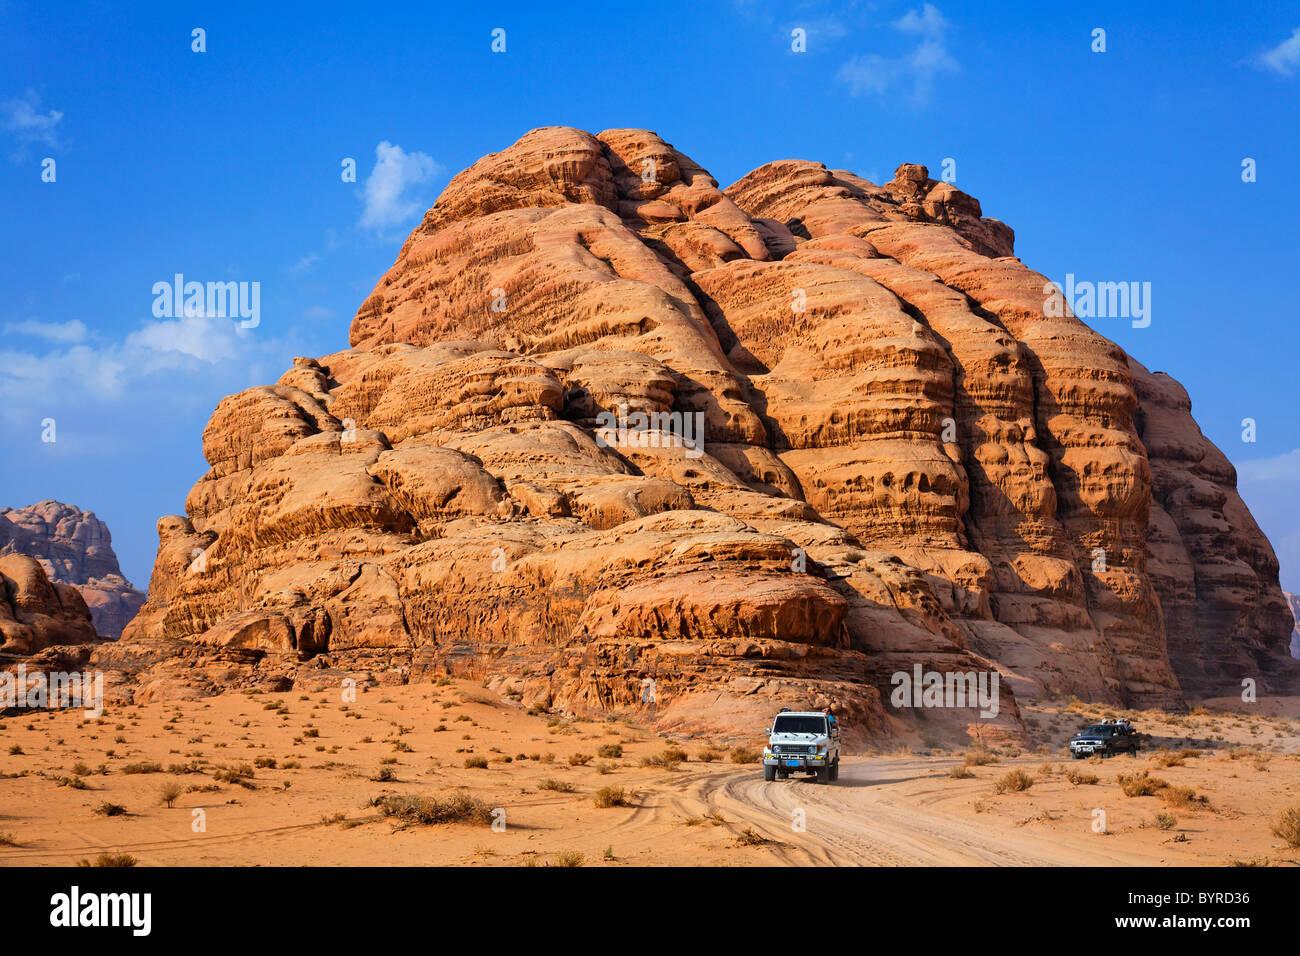 Desert safari in four wheel drive vehicles at Wadi Rum, Jordan - Stock Image